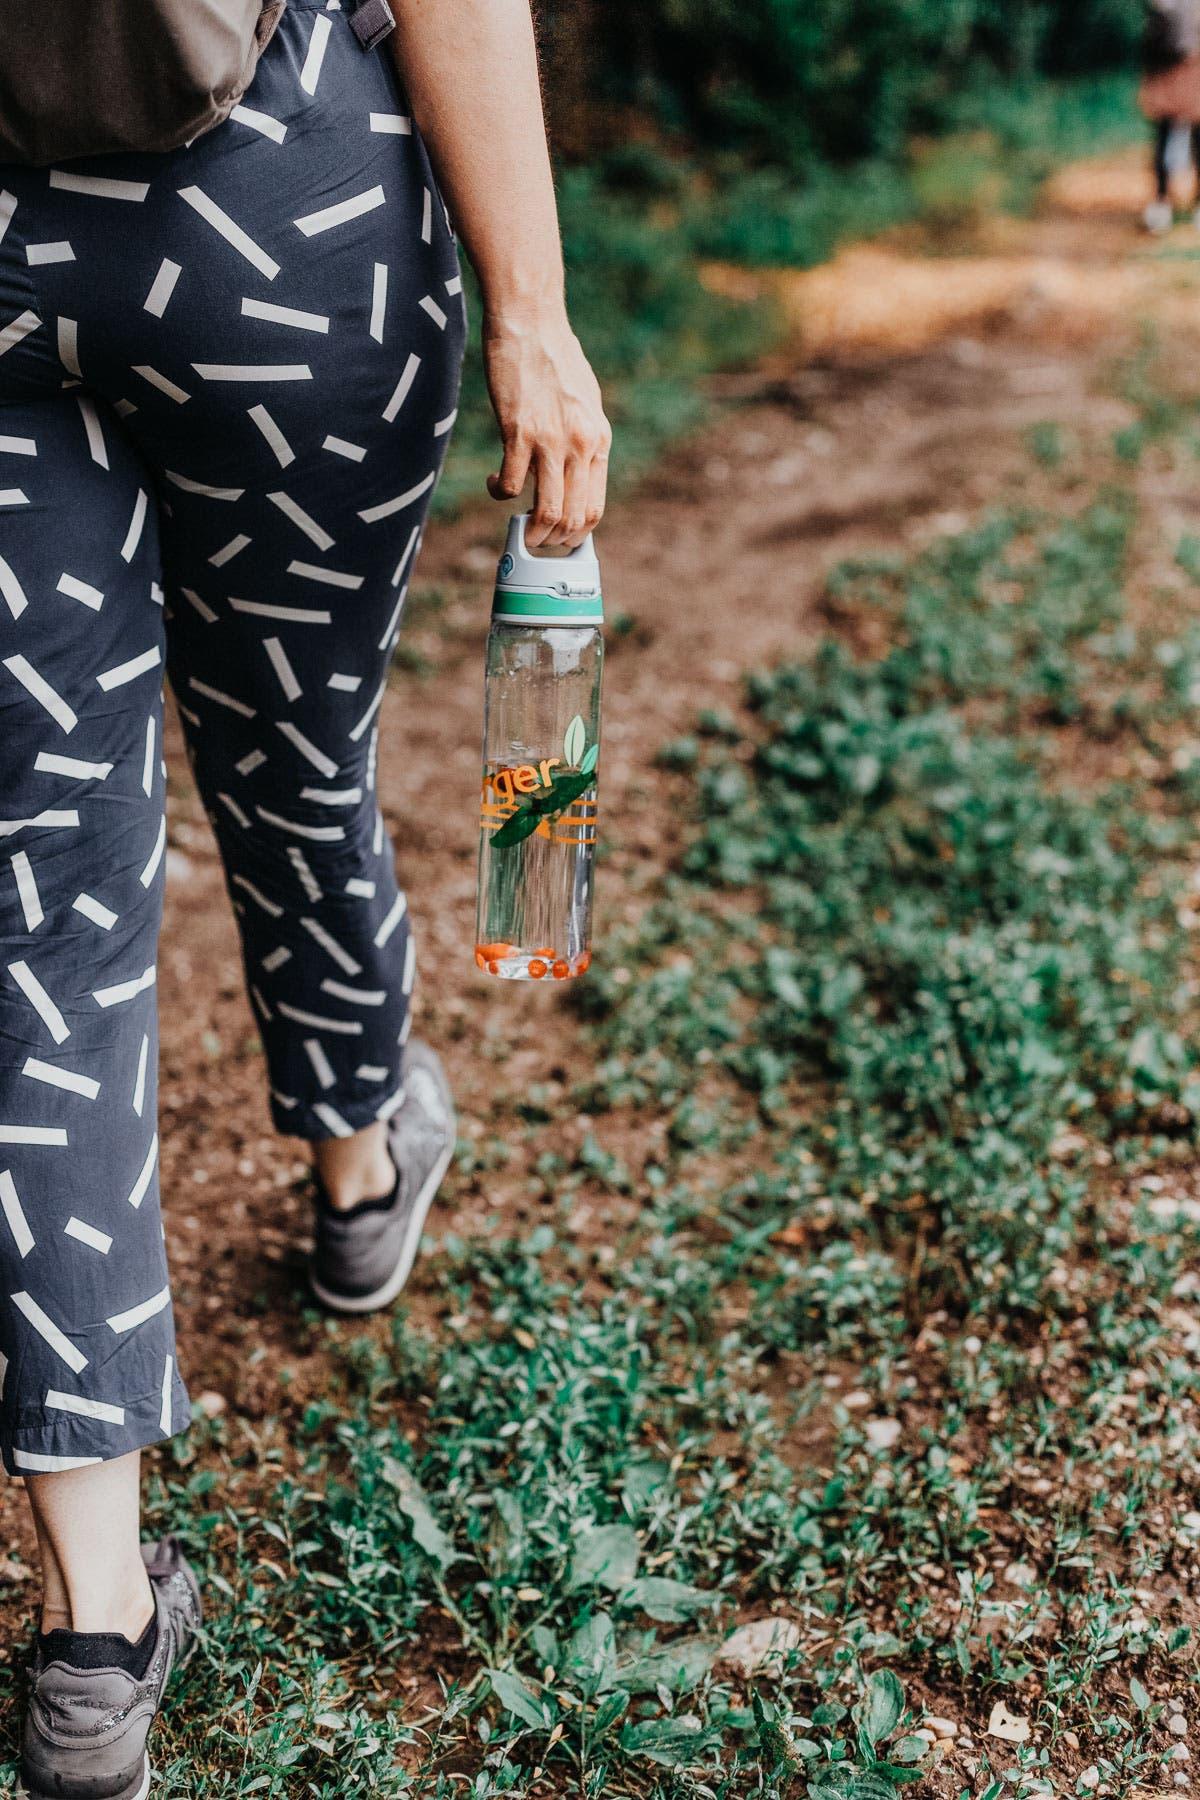 Rückansicht von Person die eine Flasche in der Hand hält und auf einem Waldweg geht.